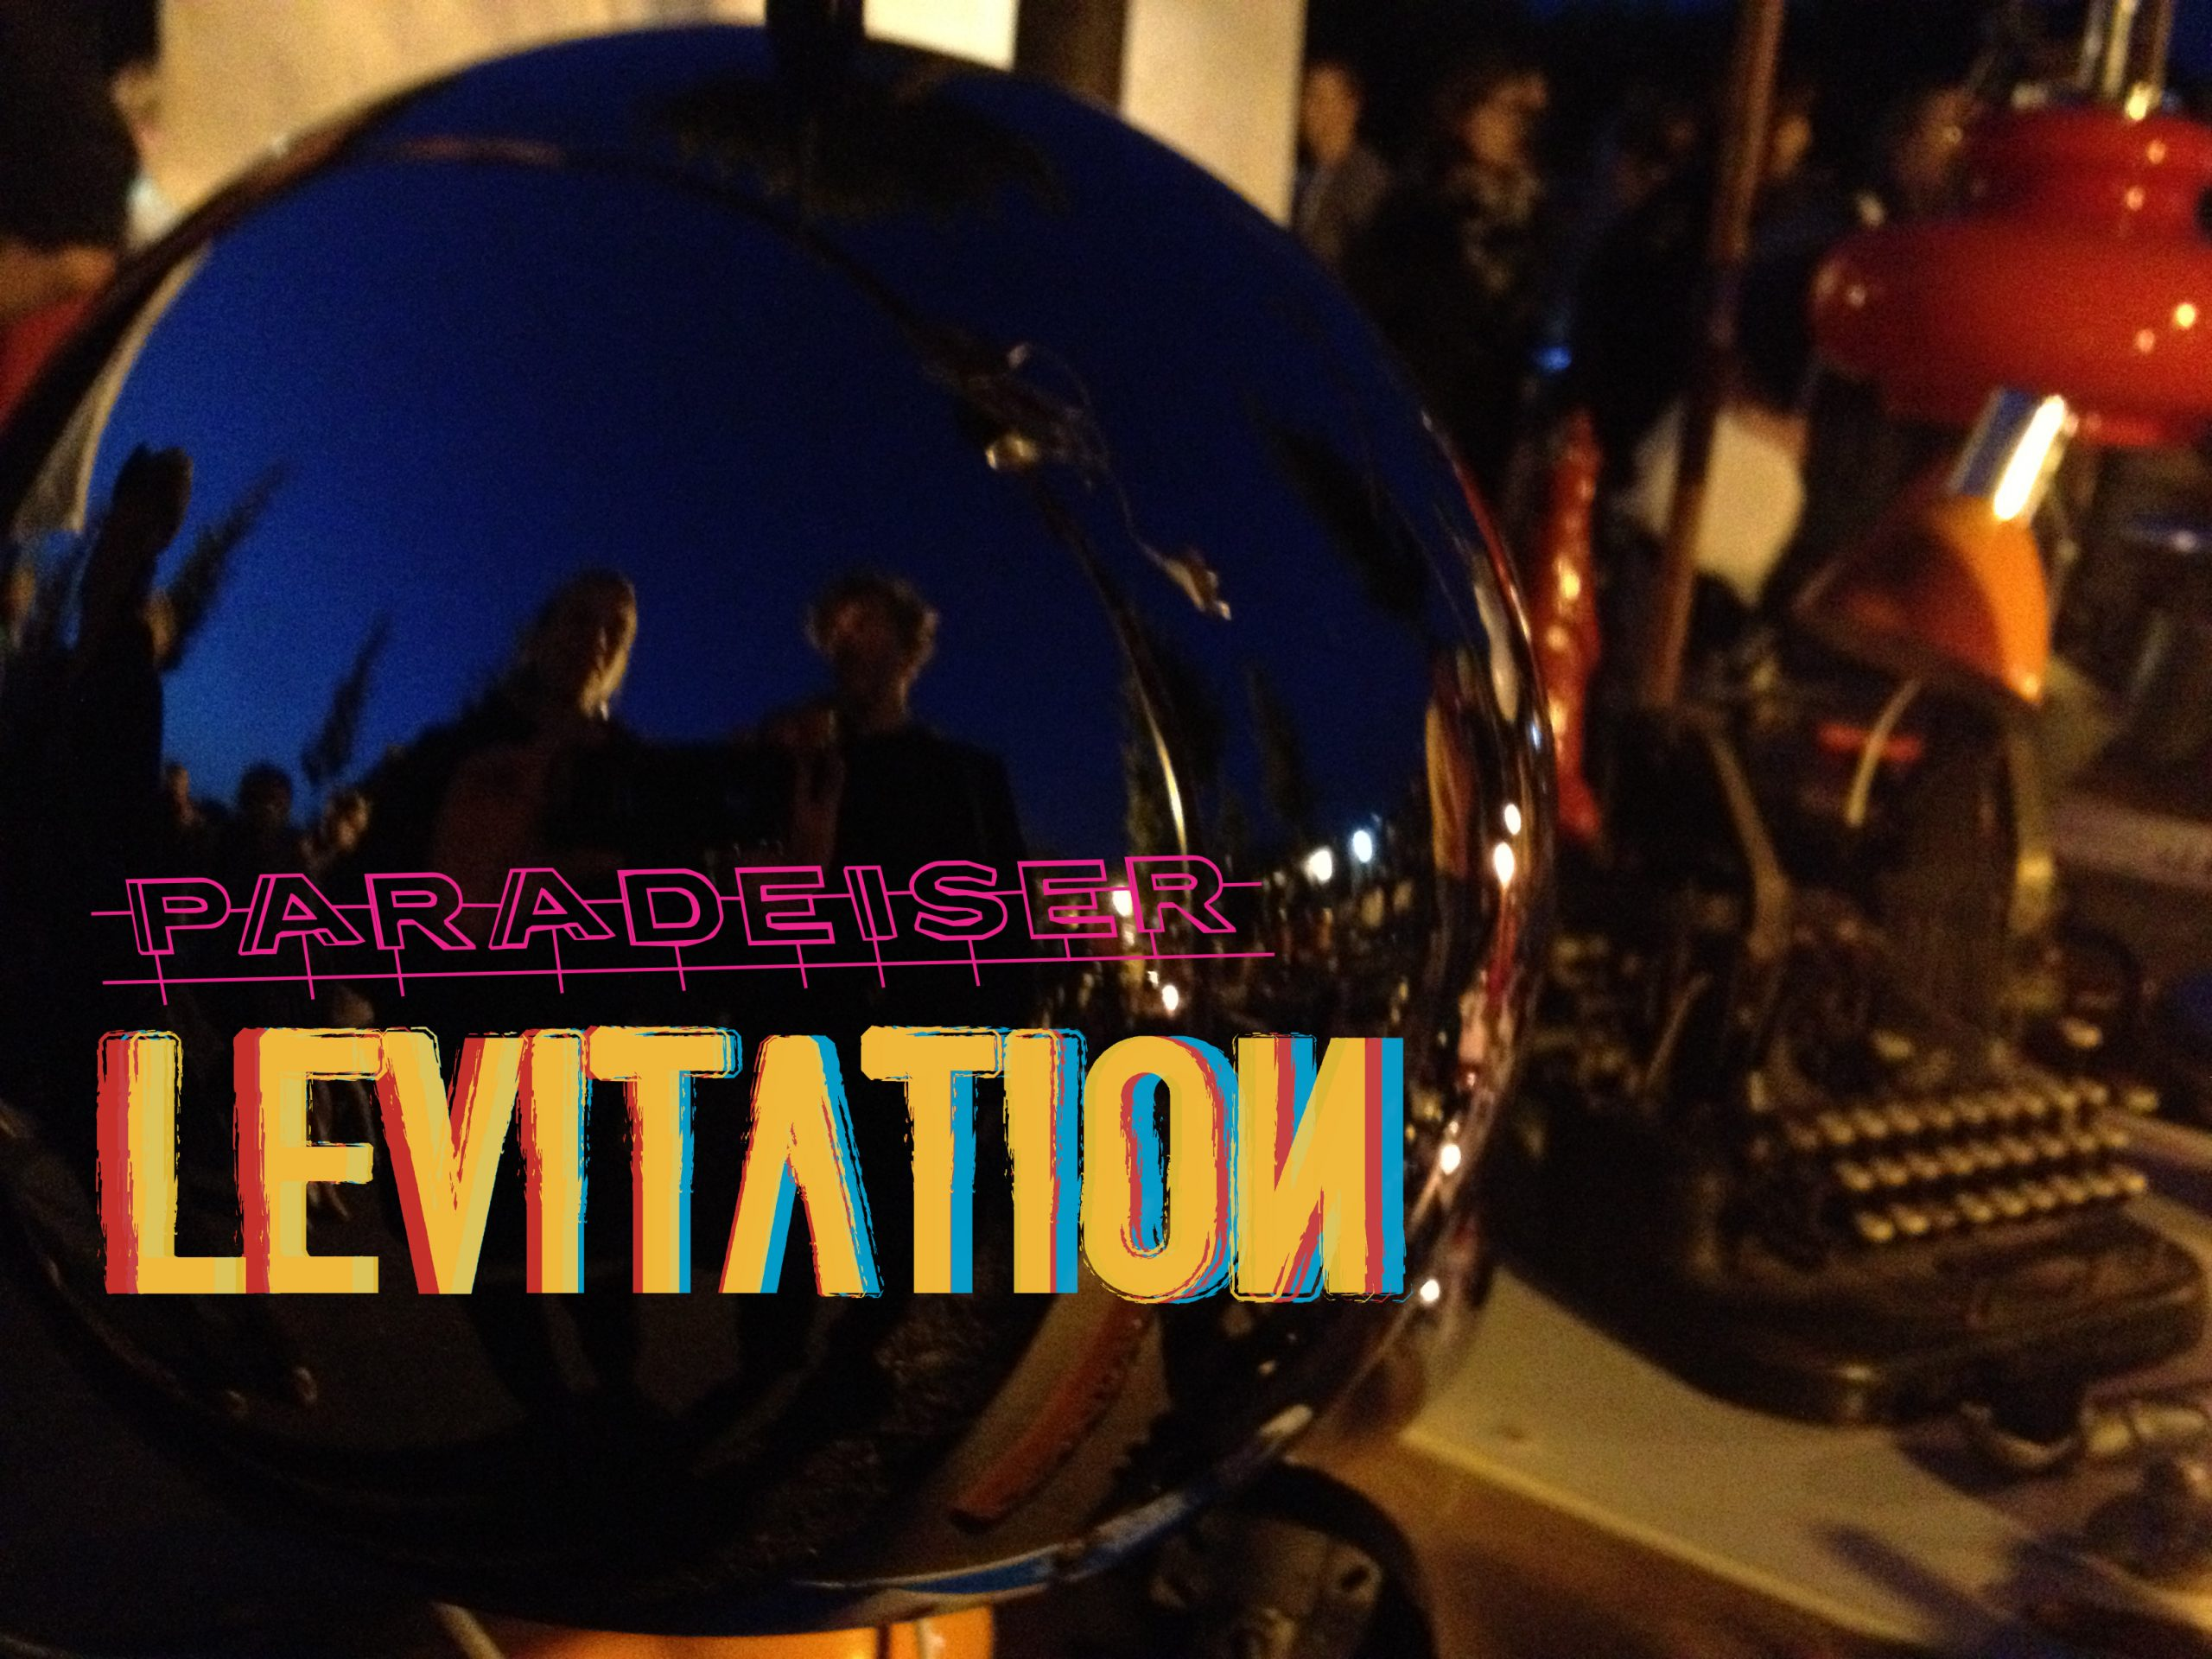 Salon LEVITATION - 1200px - 14.07.21